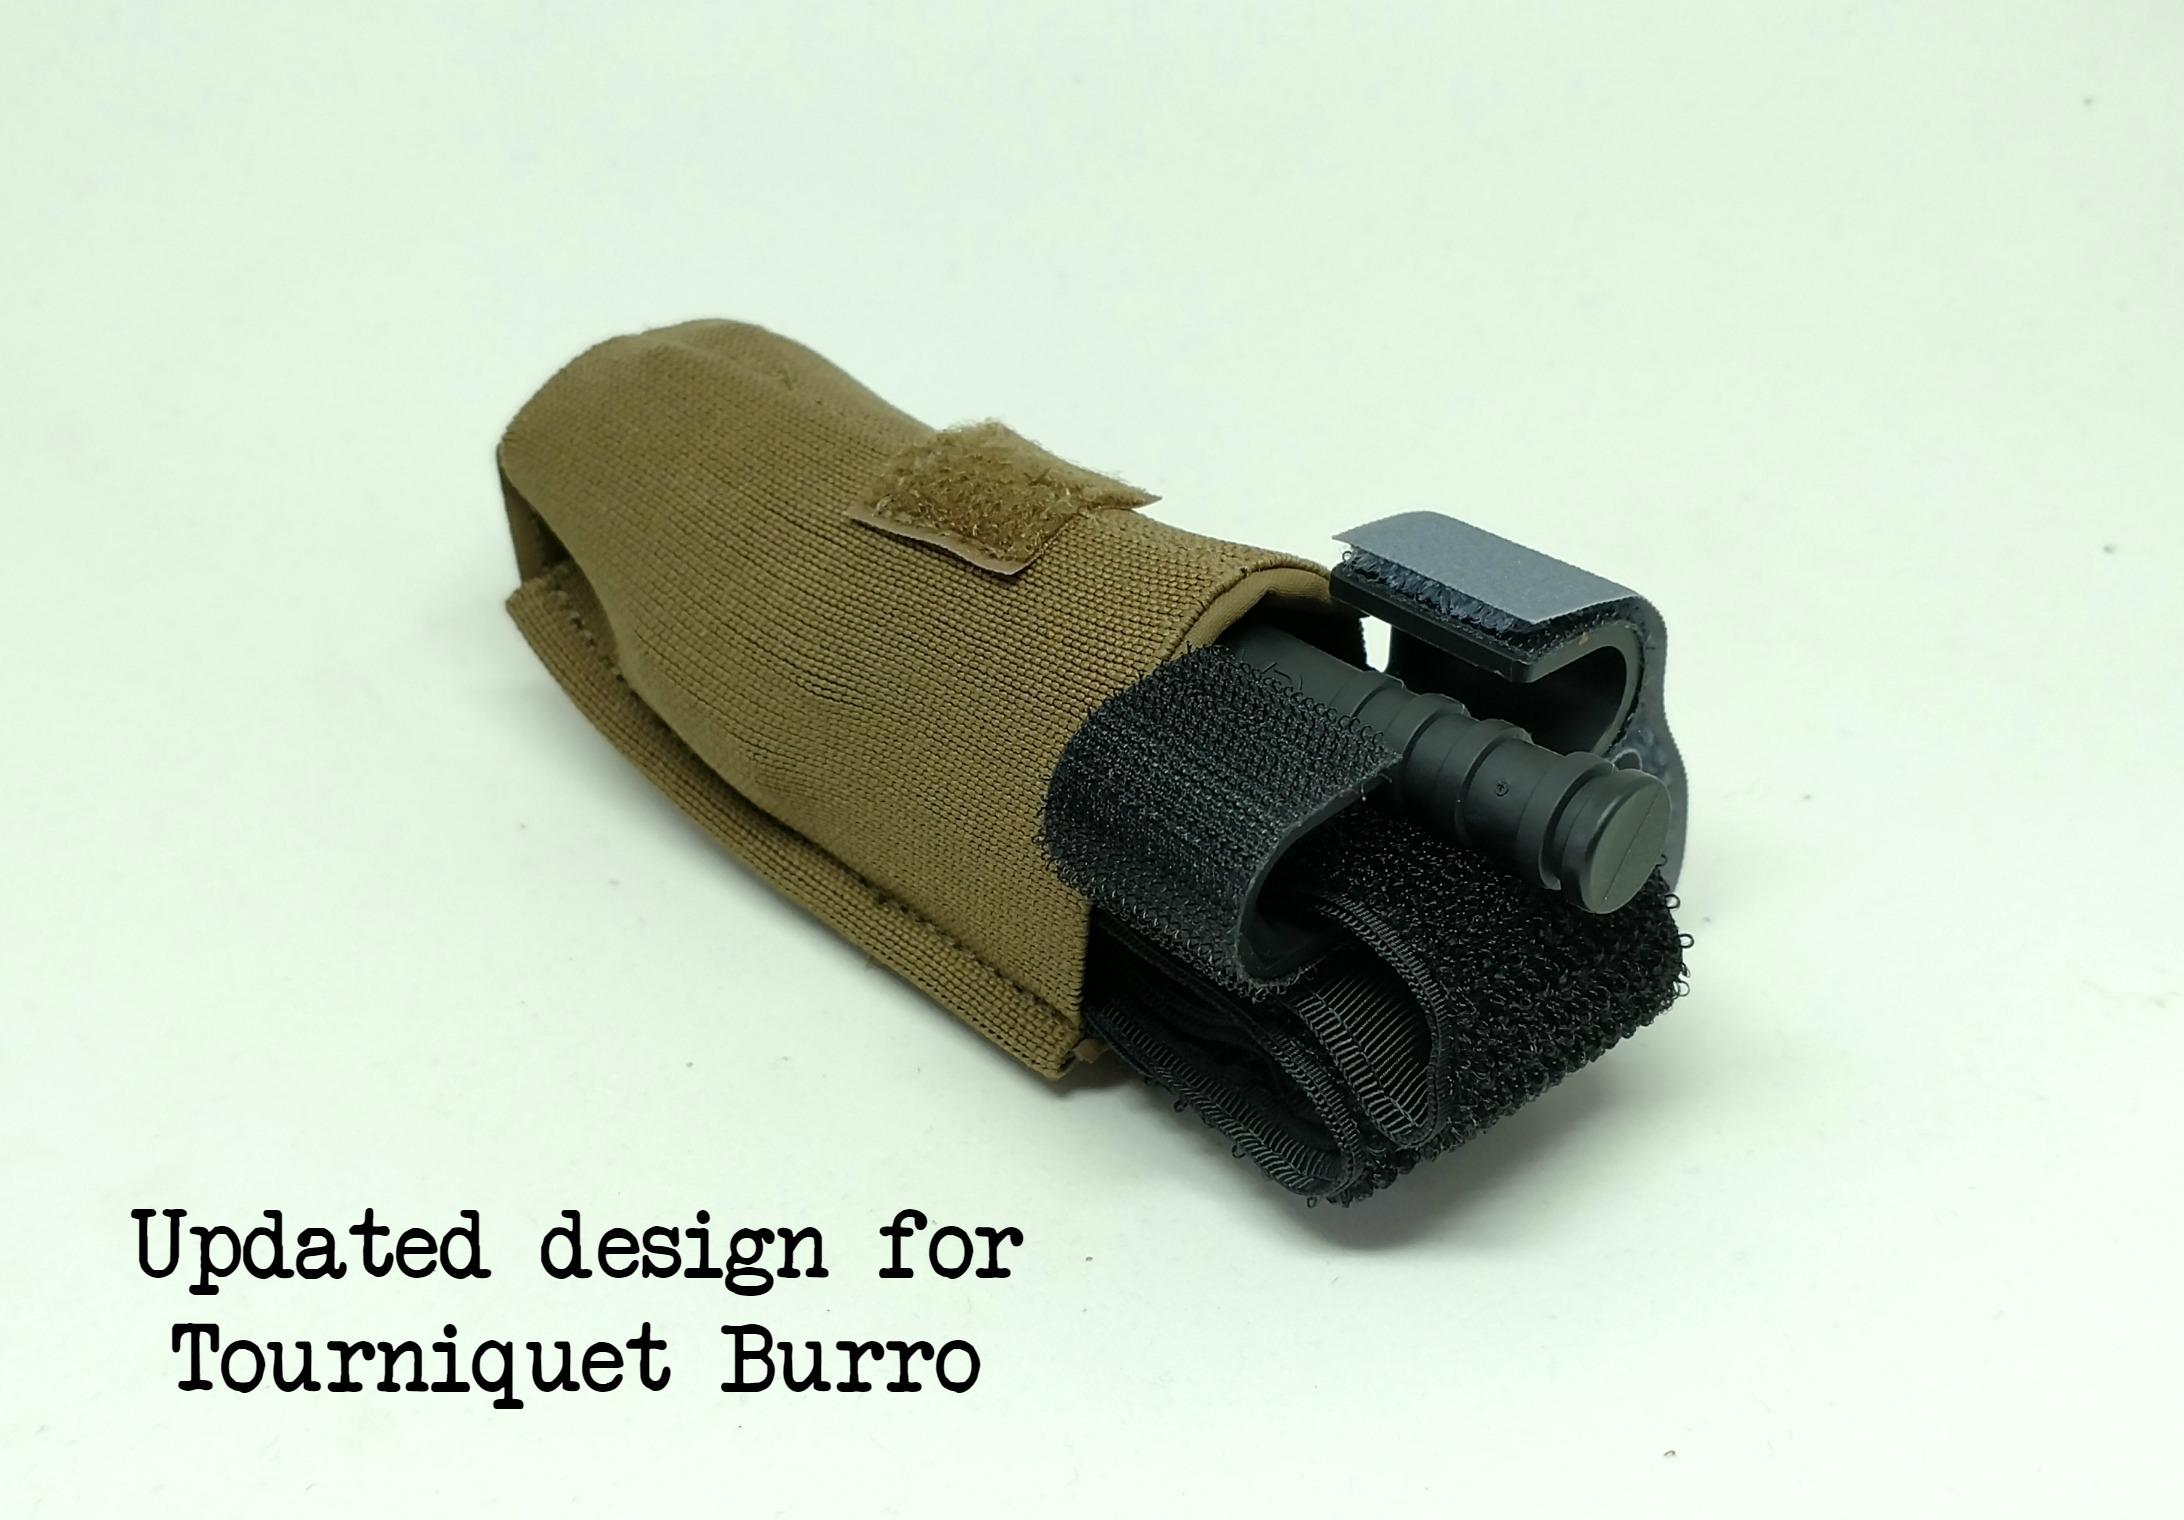 TQ Burro for slideshow